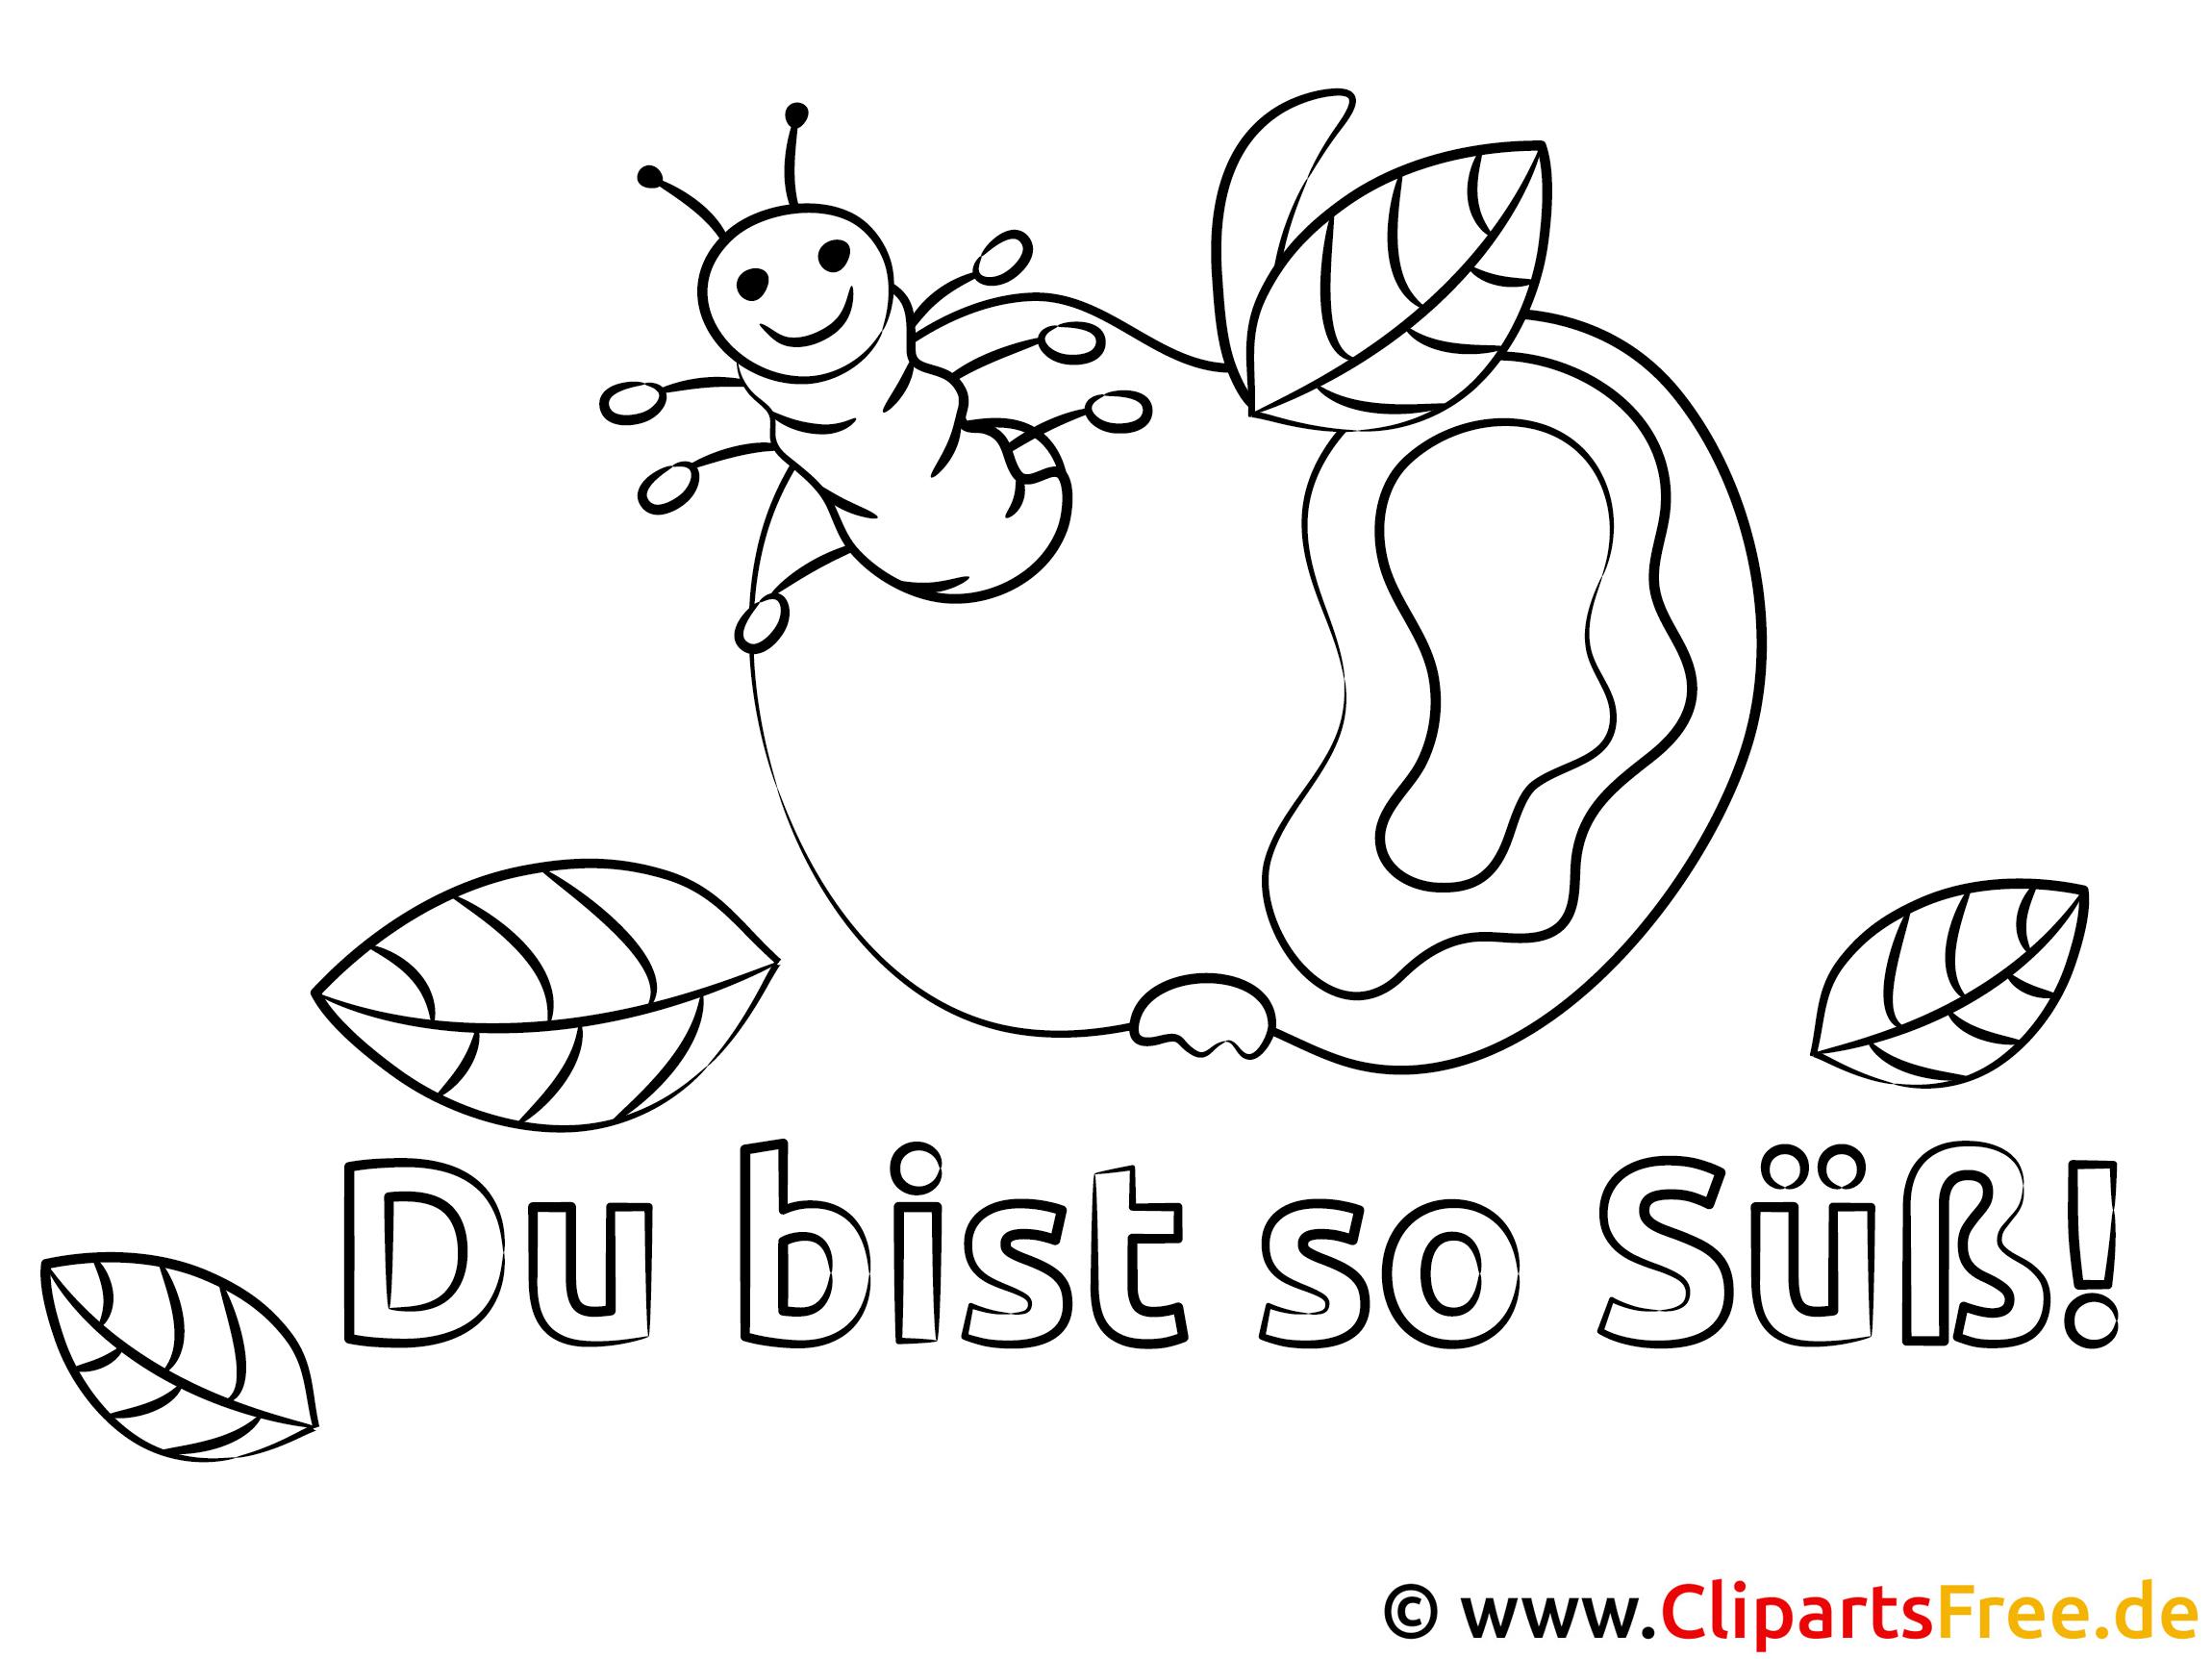 Berühmt Einfache Süße Tier Malvorlagen Ideen - Malvorlagen Von ...